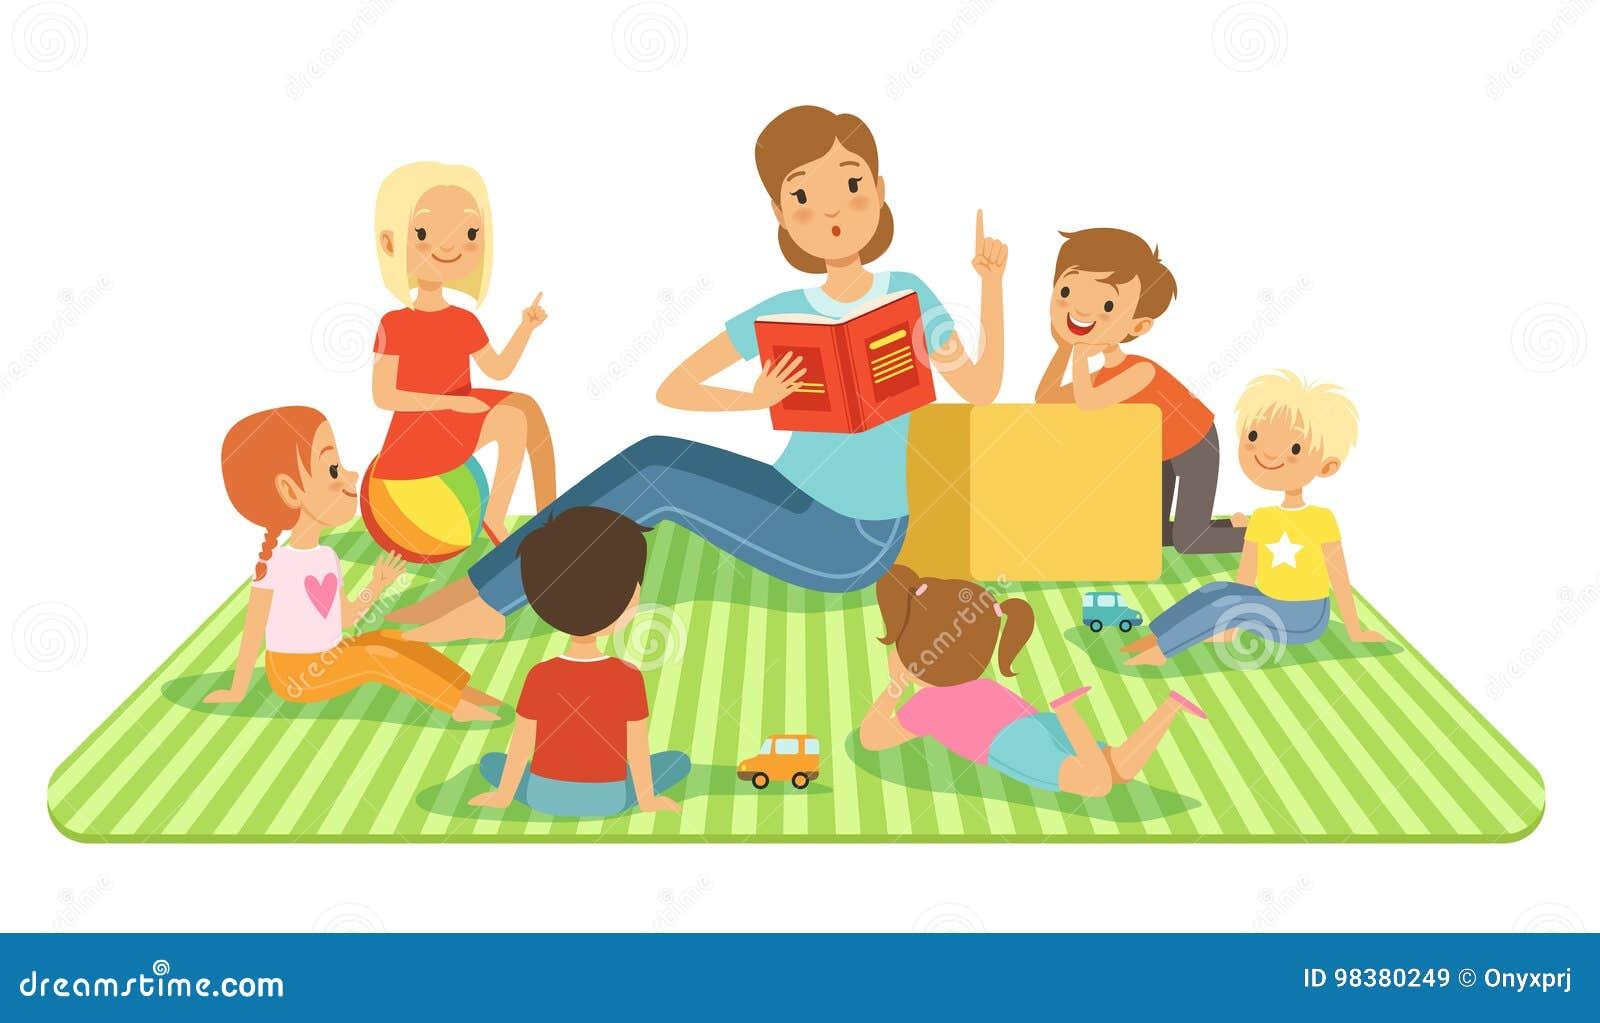 Nauczyciel i dzieciaki w dużej sala lekcyjnej przy lekcją Children obsiadanie przy ich dasks Wektorowe ilustracje w kreskówka sty